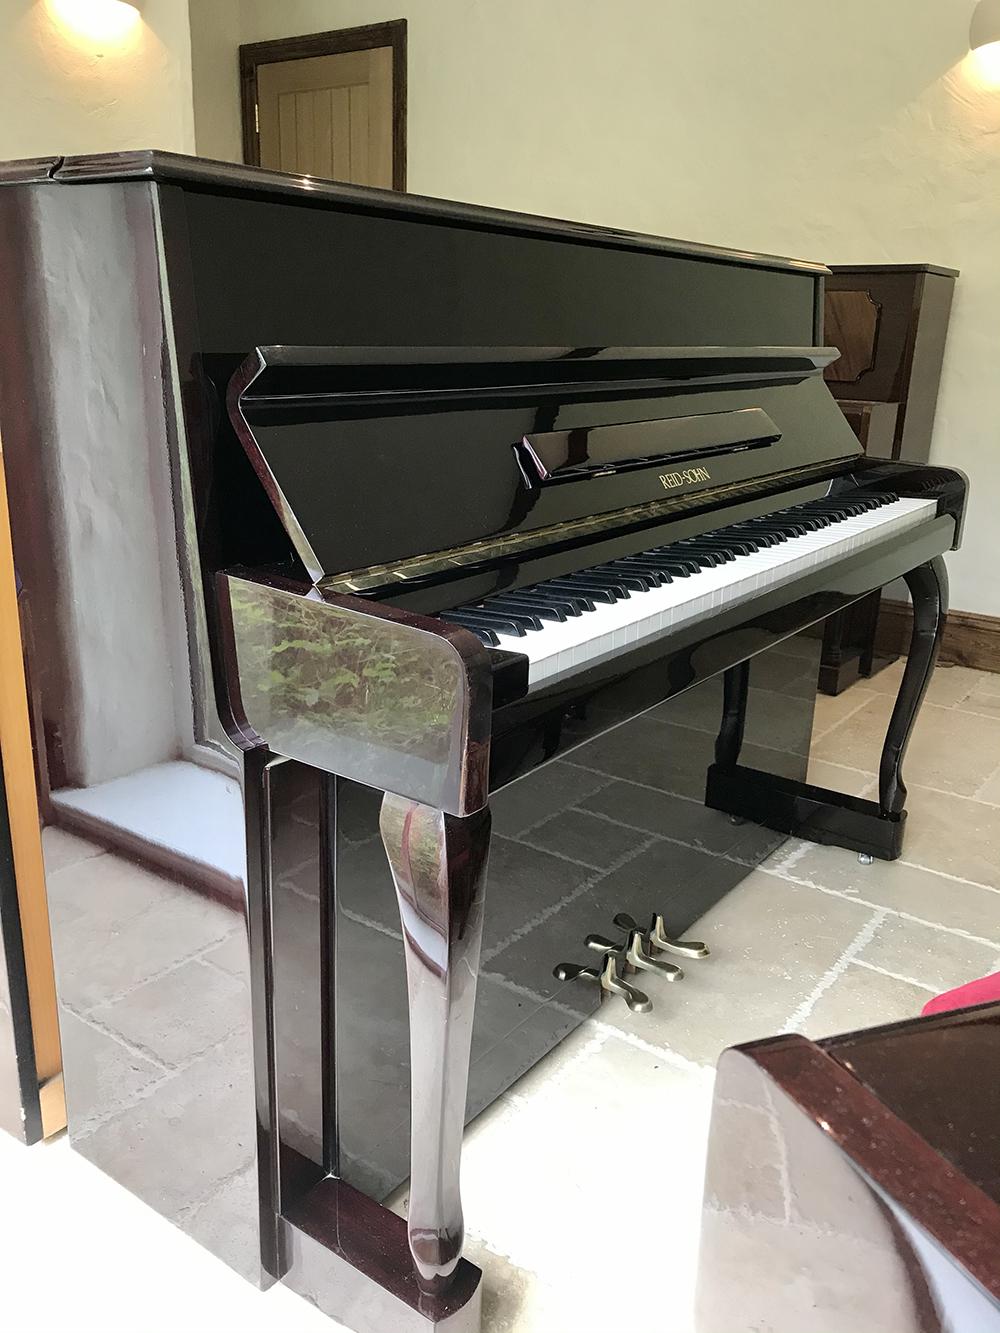 reidsohn,upright,piano,dorset,sale,mahogany